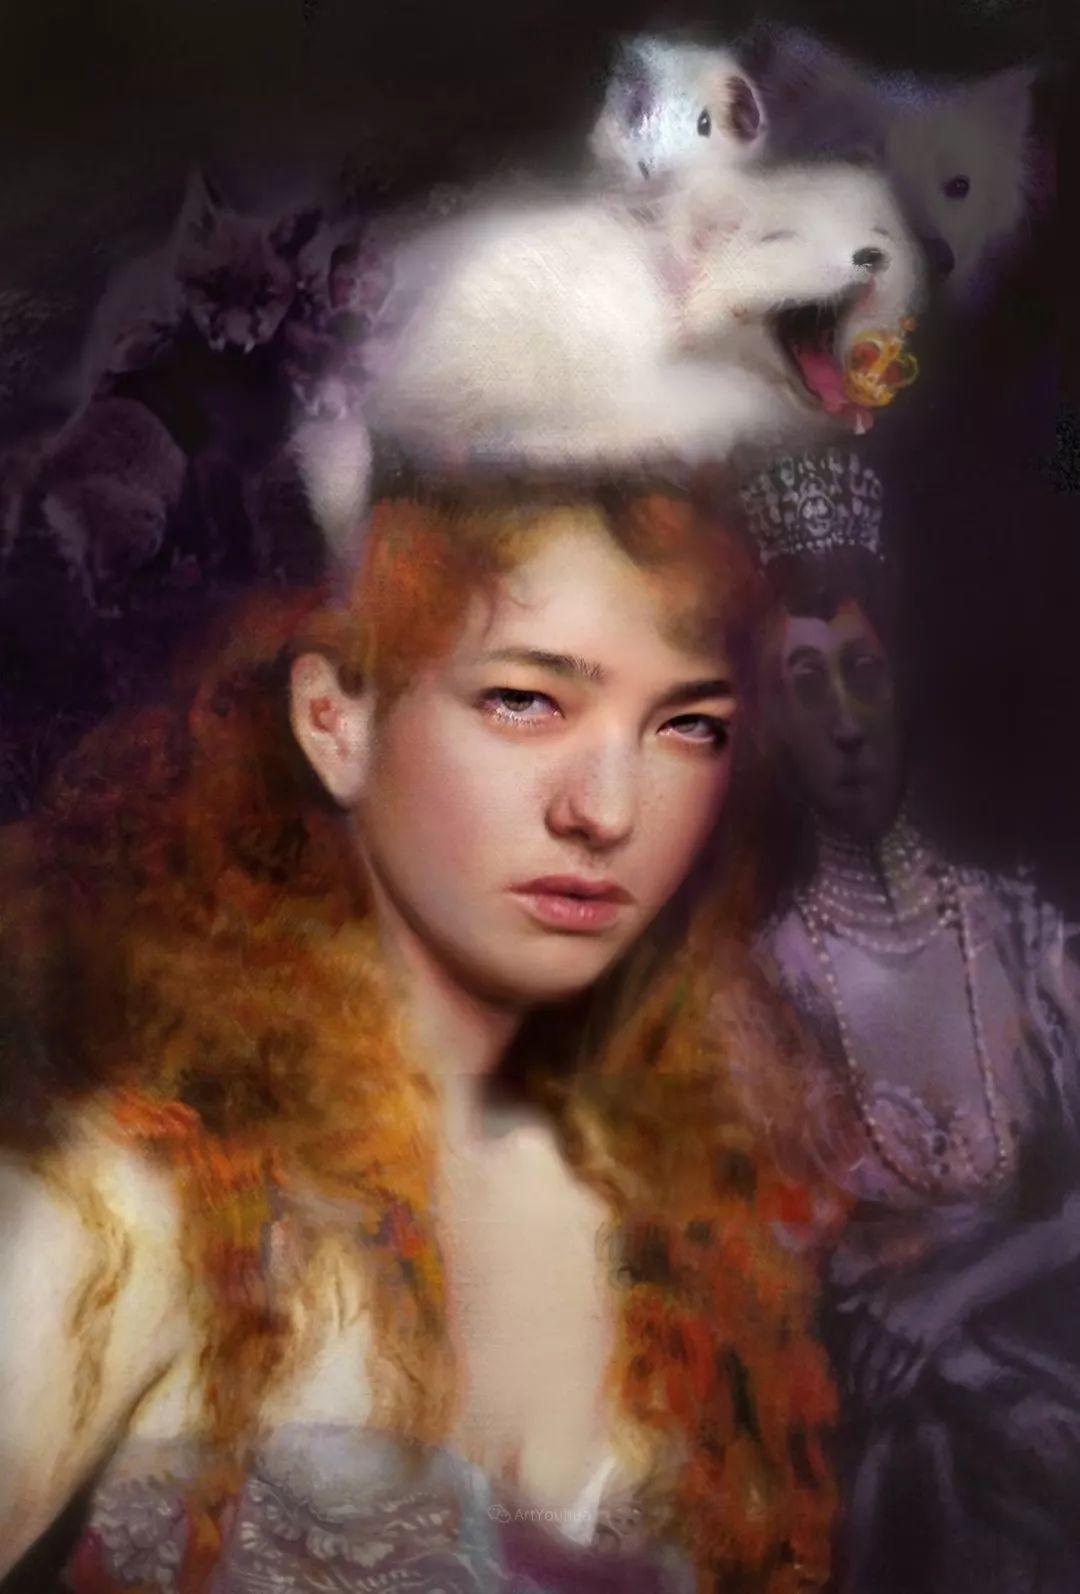 传统绘画与后现代元素的结合,英国画家伊娃·特洛伊插图4